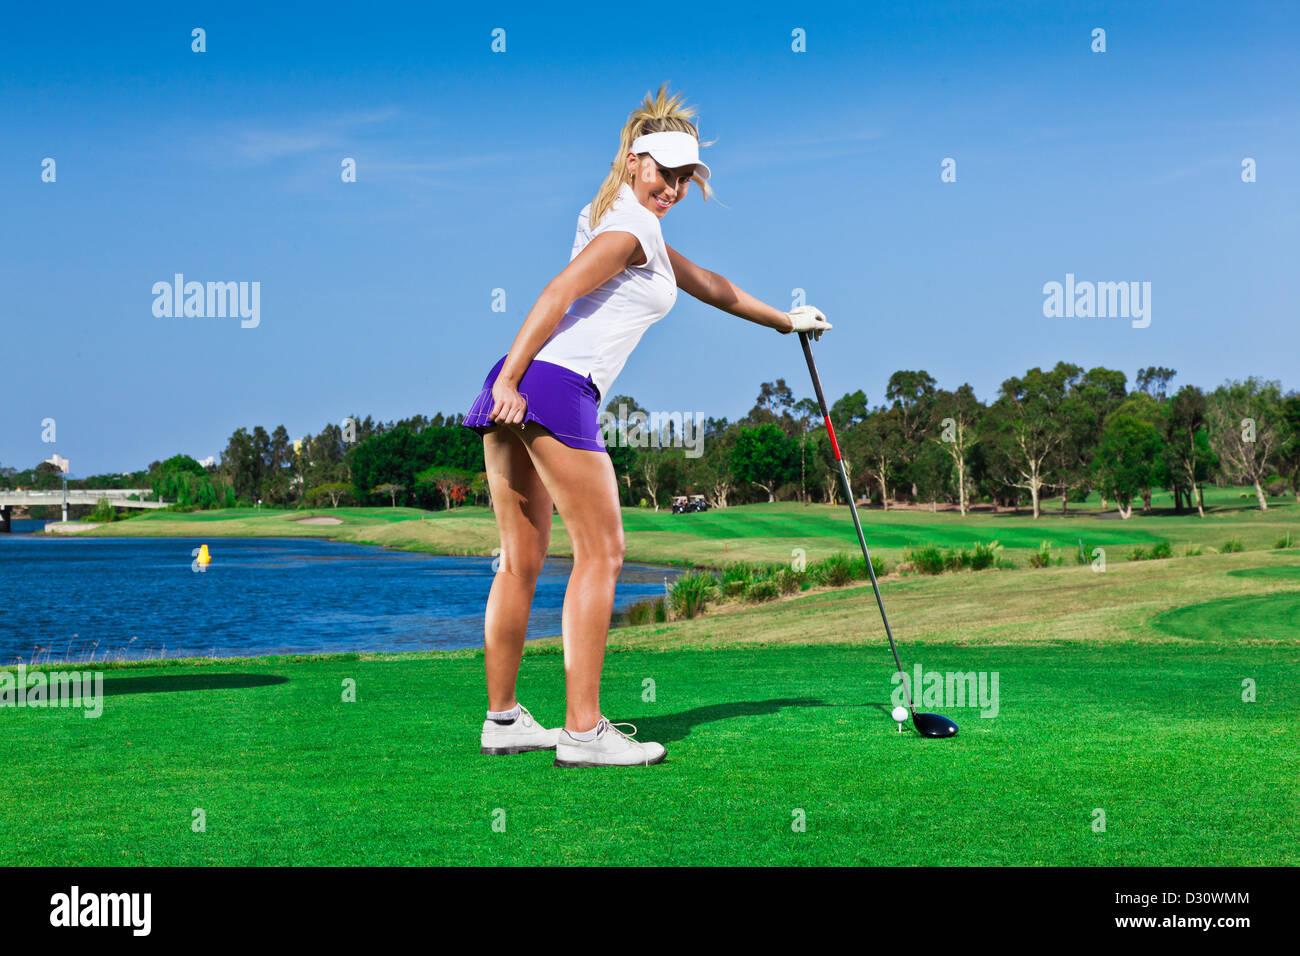 Golfeur attrayant fille sur le terrain de golf avec chauffeur Photo Stock